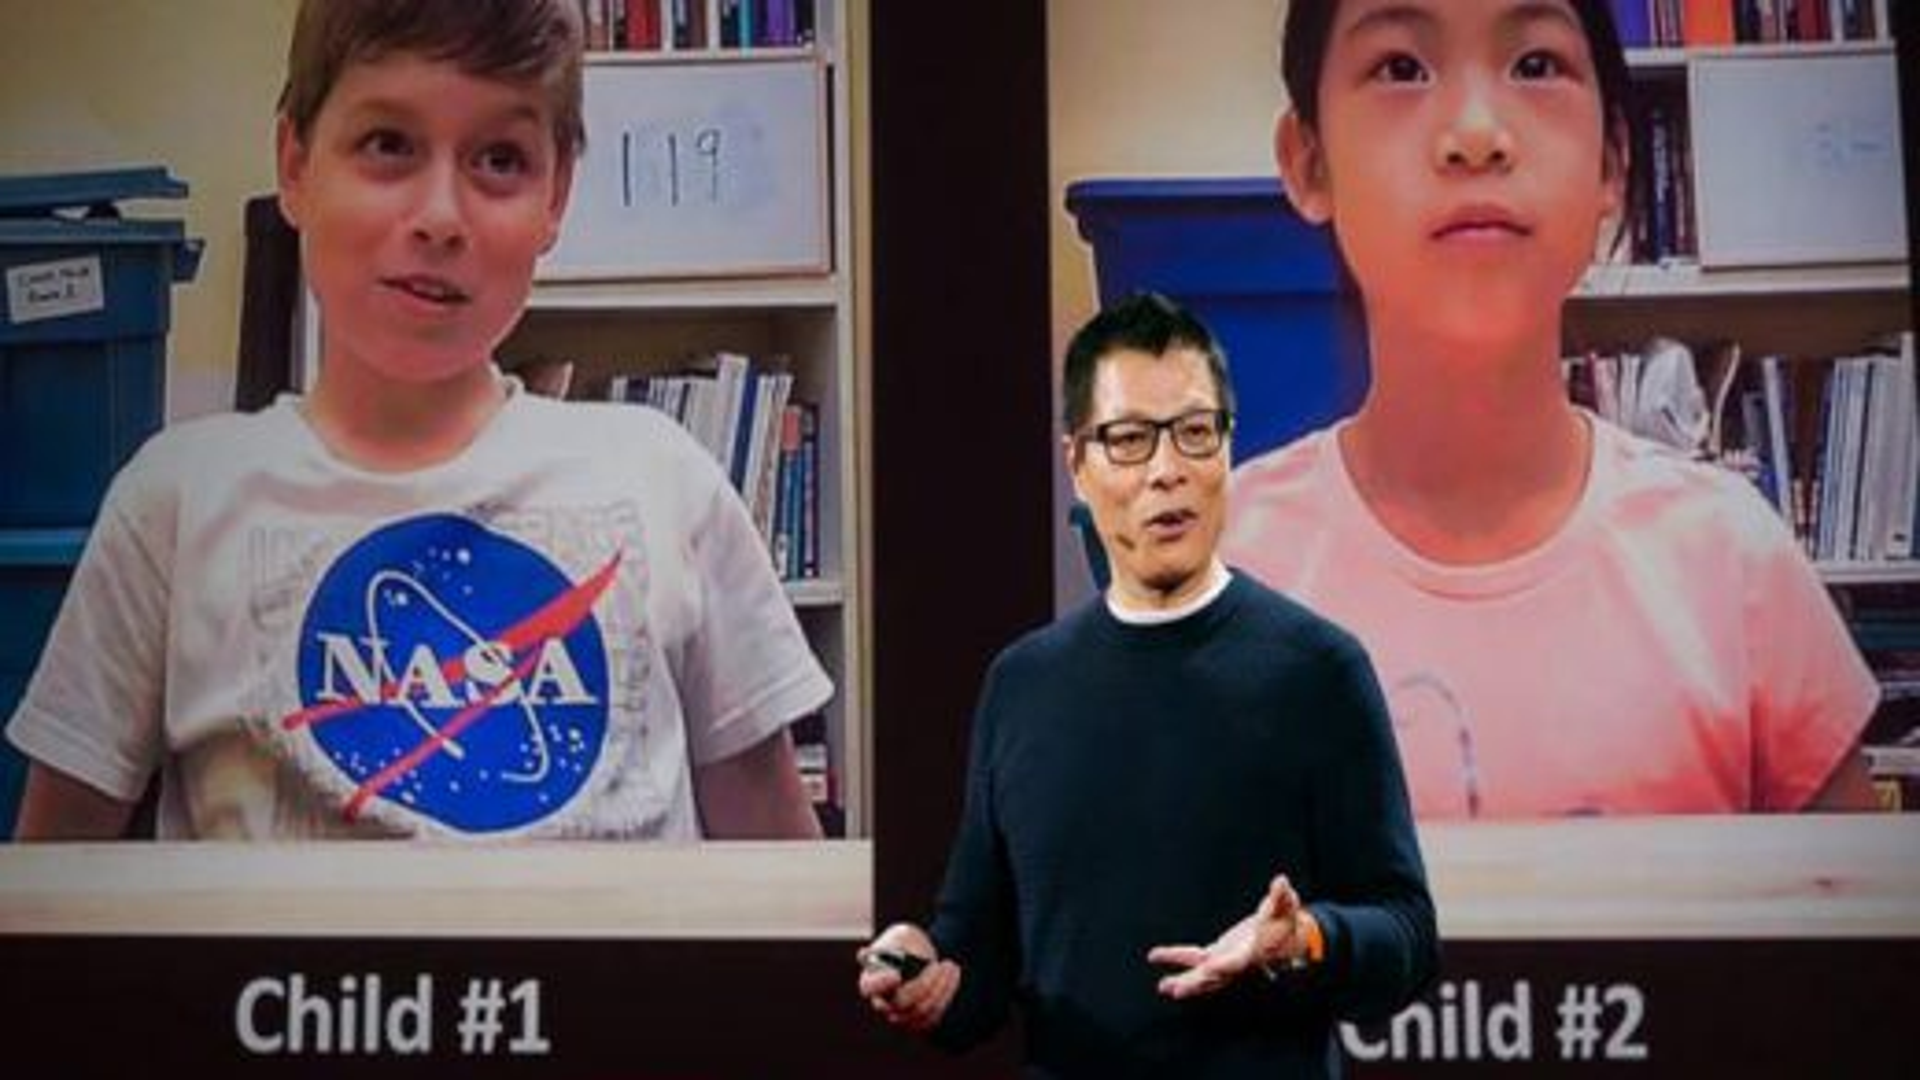 سخنرانی های تد ؛ آیا واقعاً میتوانیم تشخیص دهیم که کودکان دروغ می گویند |فیلم